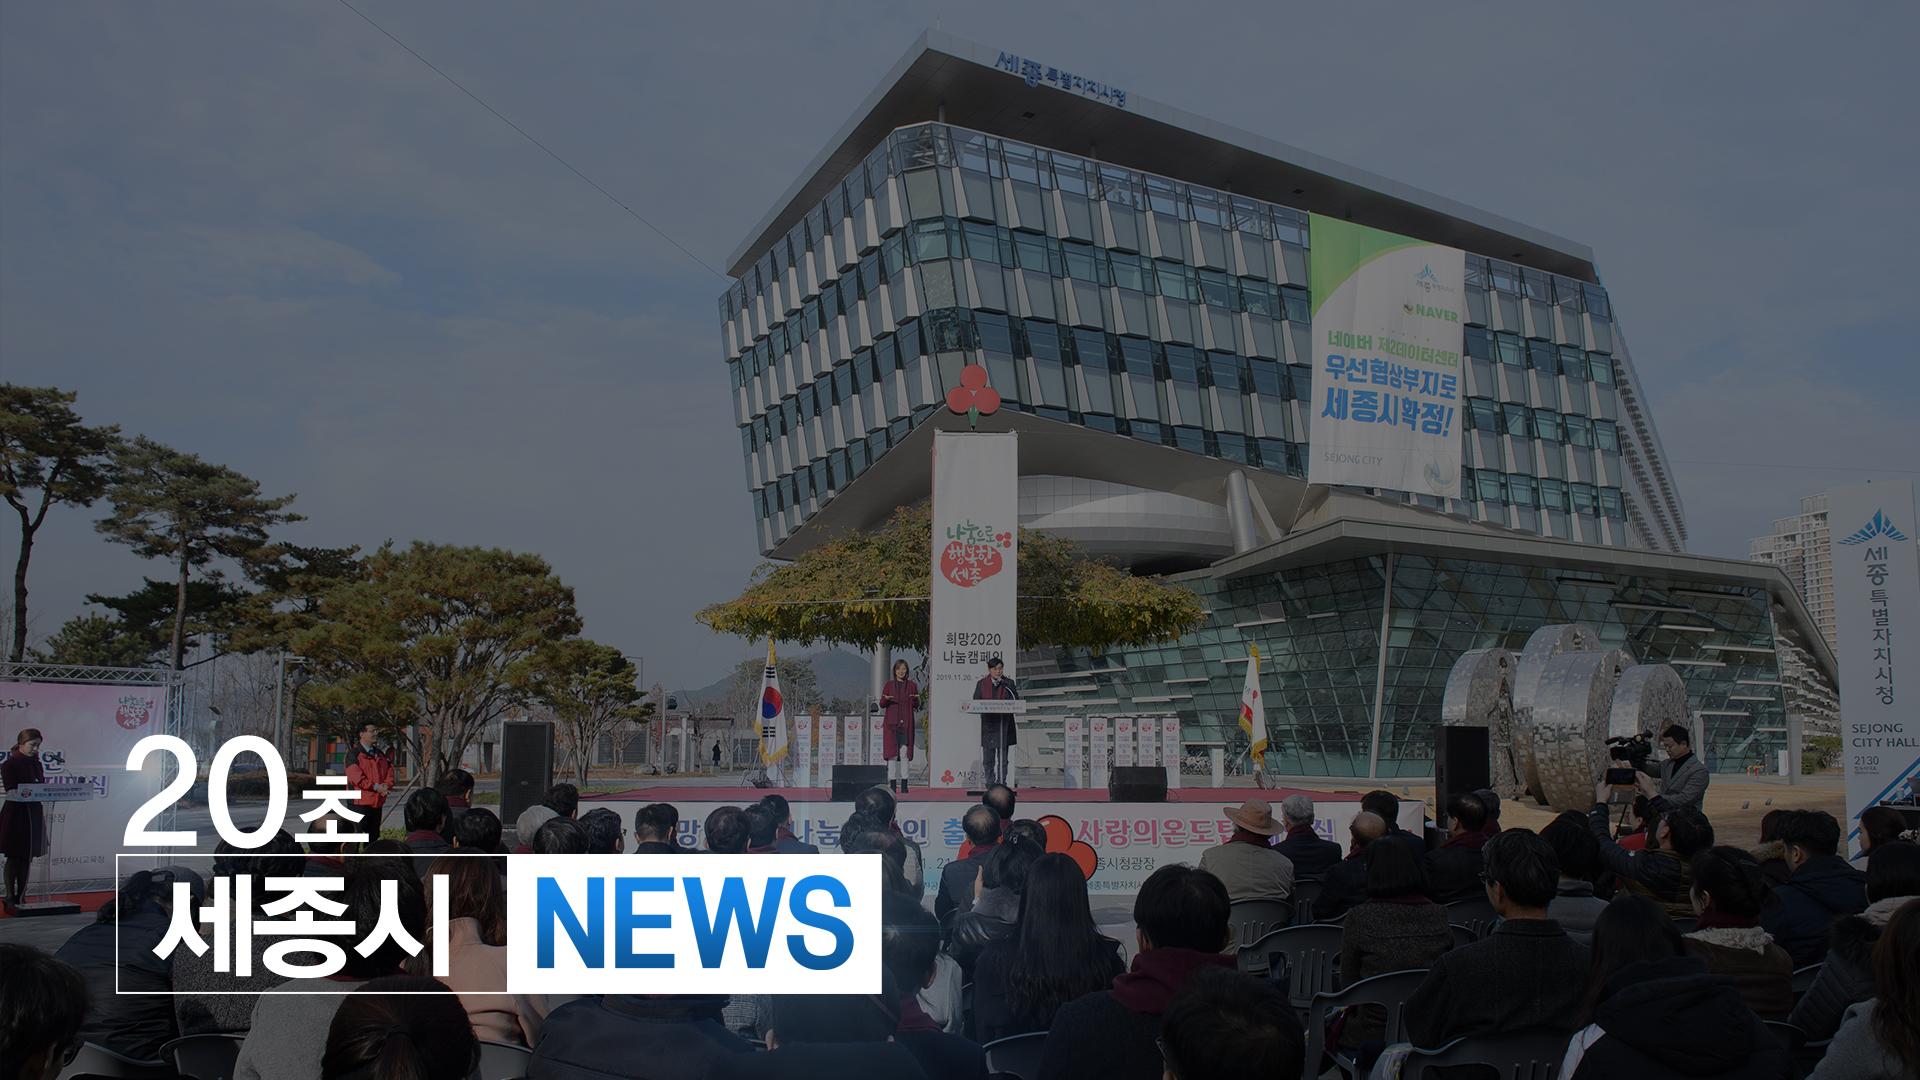 <20초뉴스> 희망2020나눔 캠페인 출범식과 사랑의 온도탑 제막식 개최